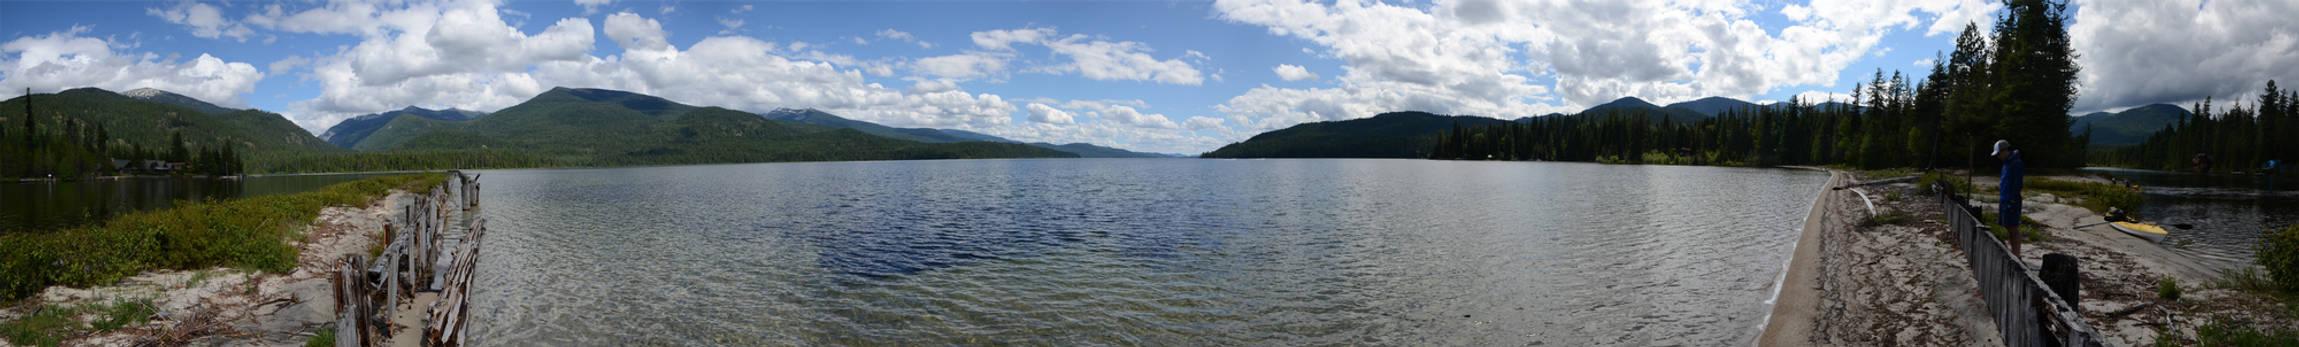 Priest Lake 2012-06-26 1